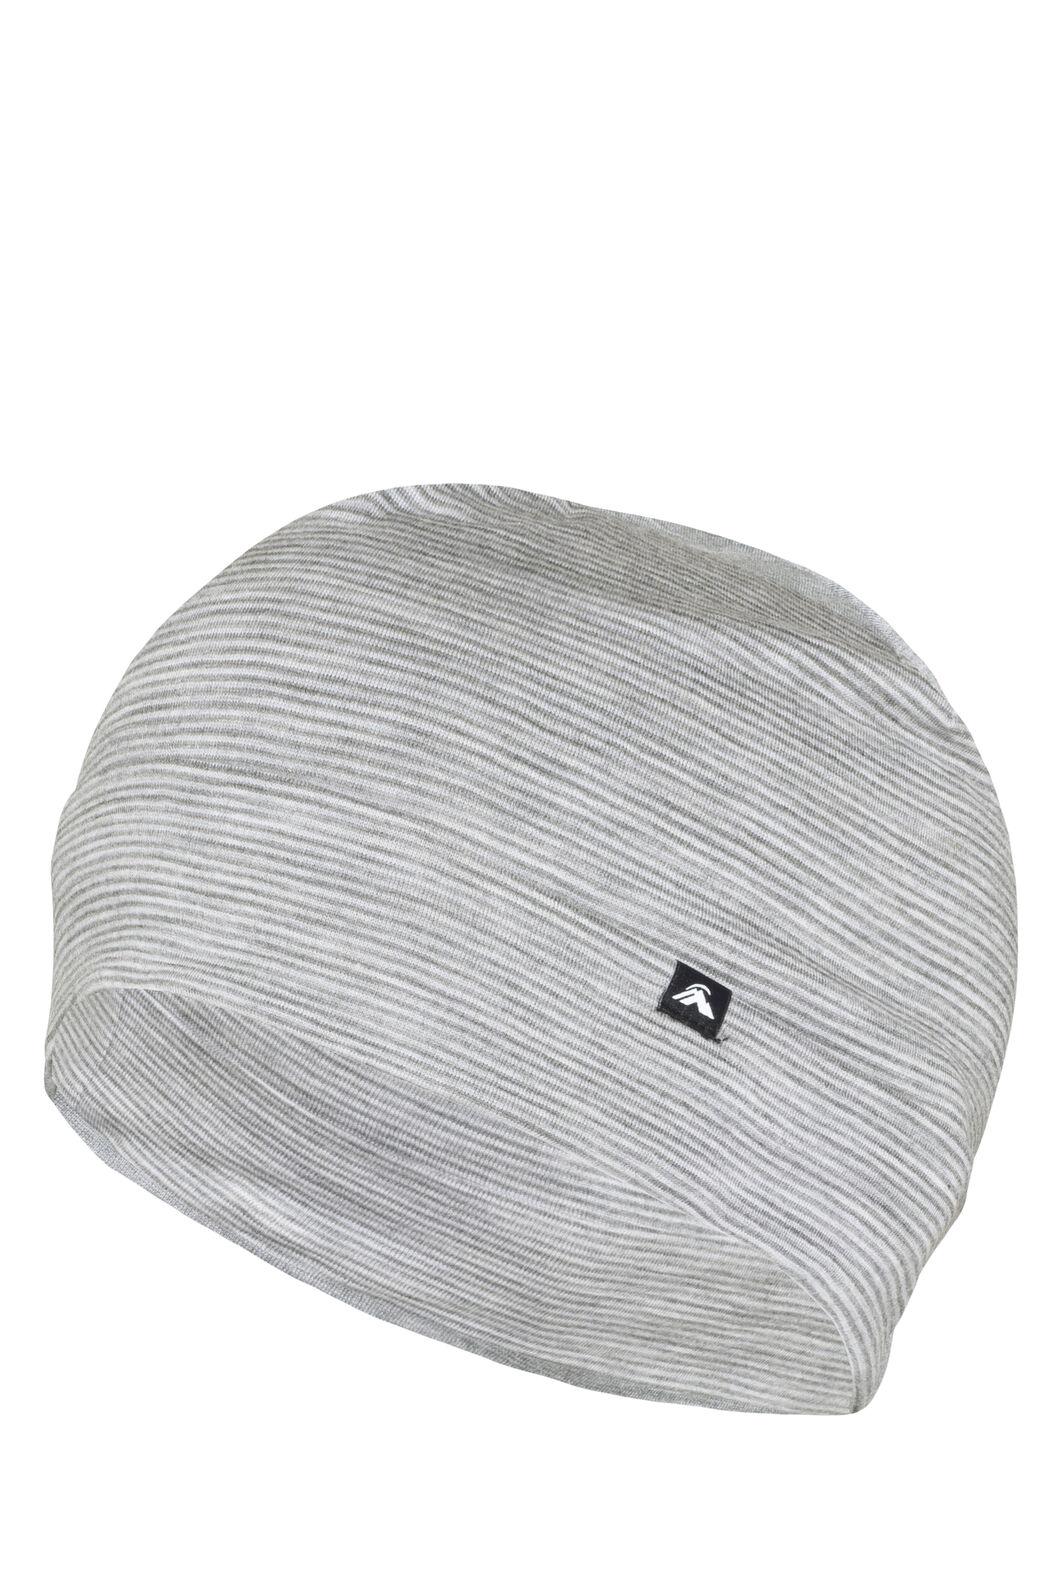 Macpac Merino 150 Beanie, Light Grey Stripe, hi-res